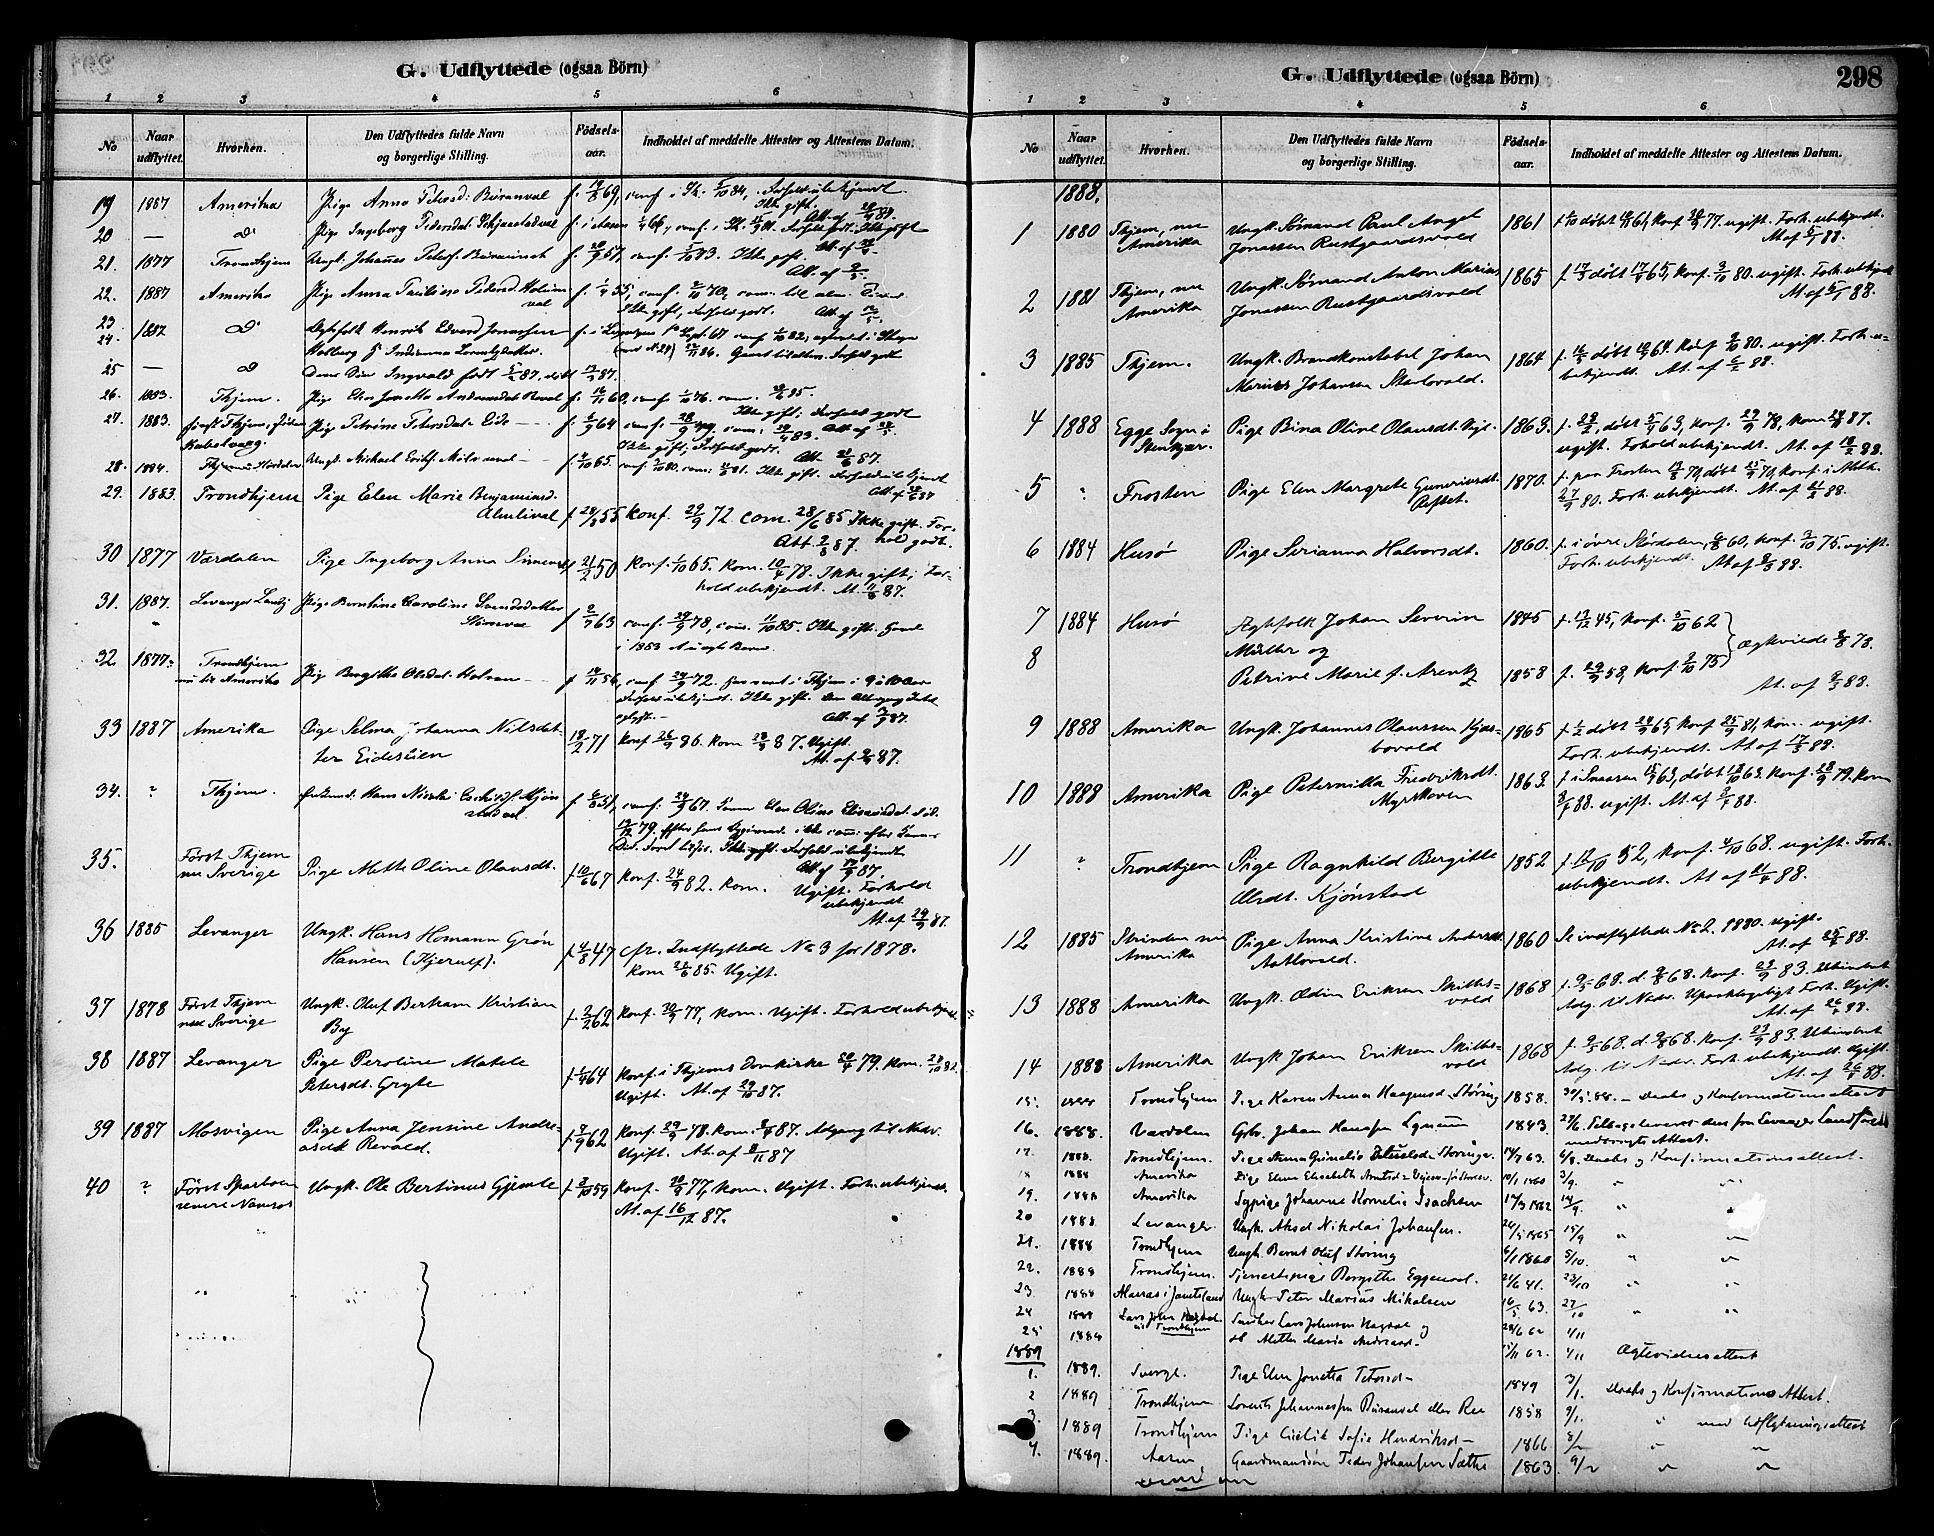 SAT, Ministerialprotokoller, klokkerbøker og fødselsregistre - Nord-Trøndelag, 717/L0159: Ministerialbok nr. 717A09, 1878-1898, s. 298